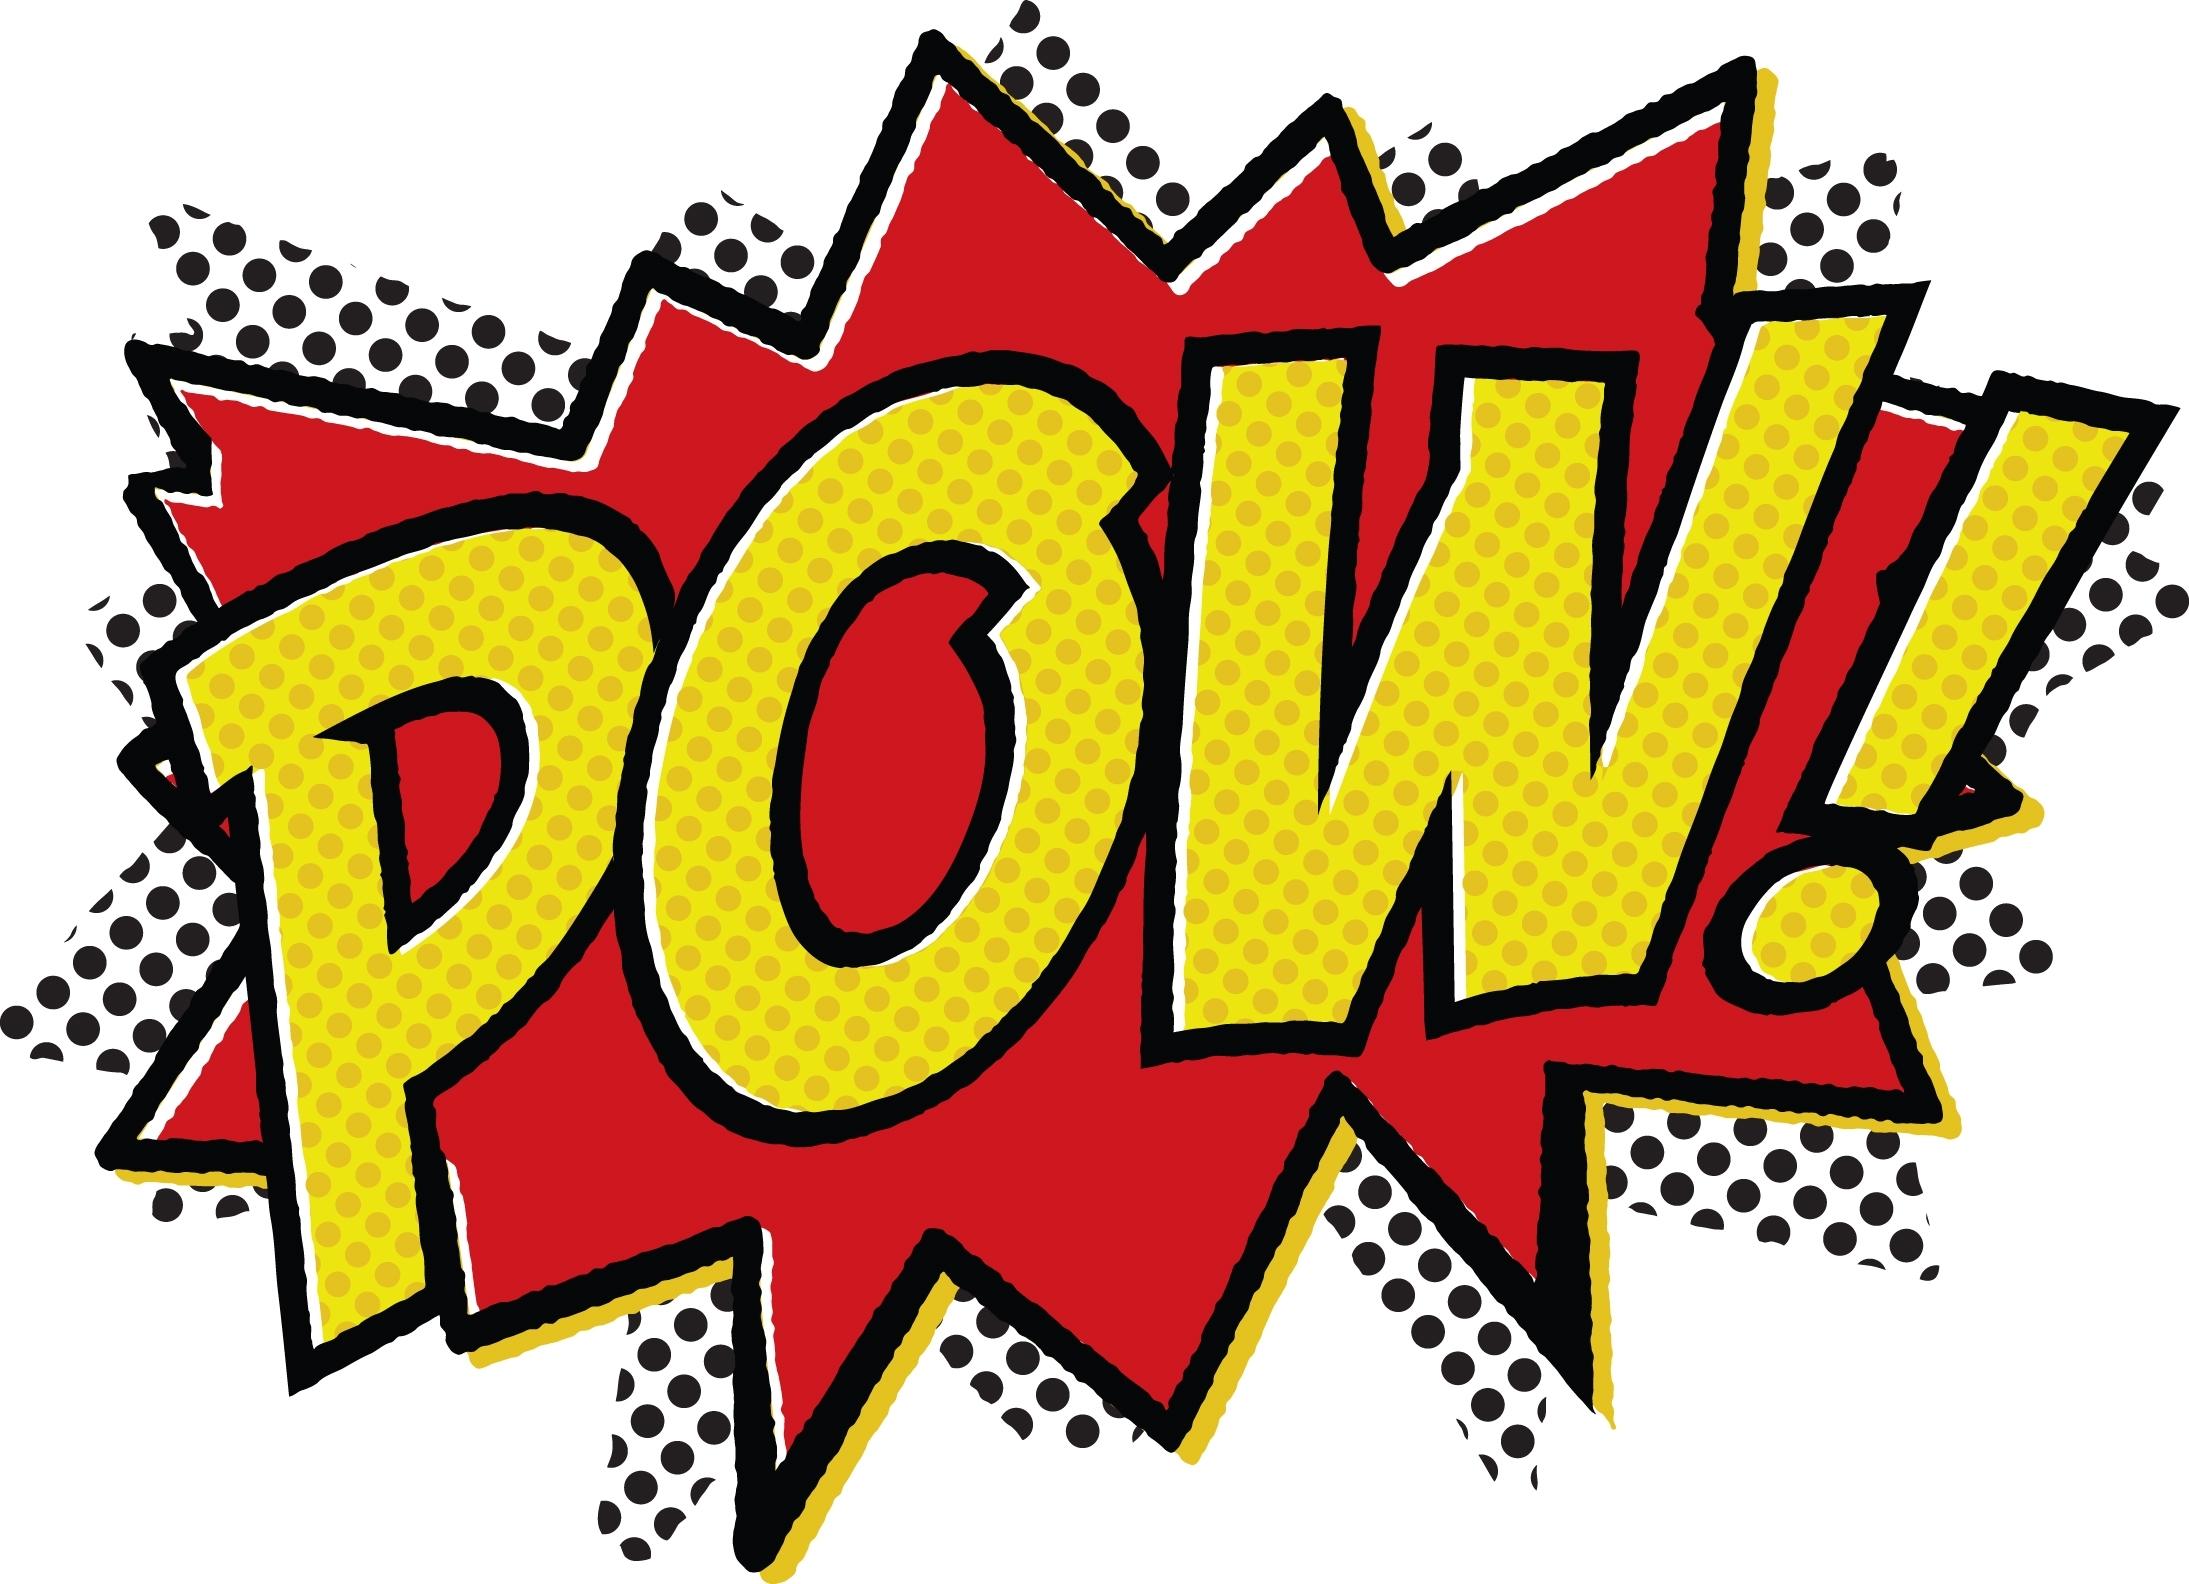 12 Batman Comic Book Font Images